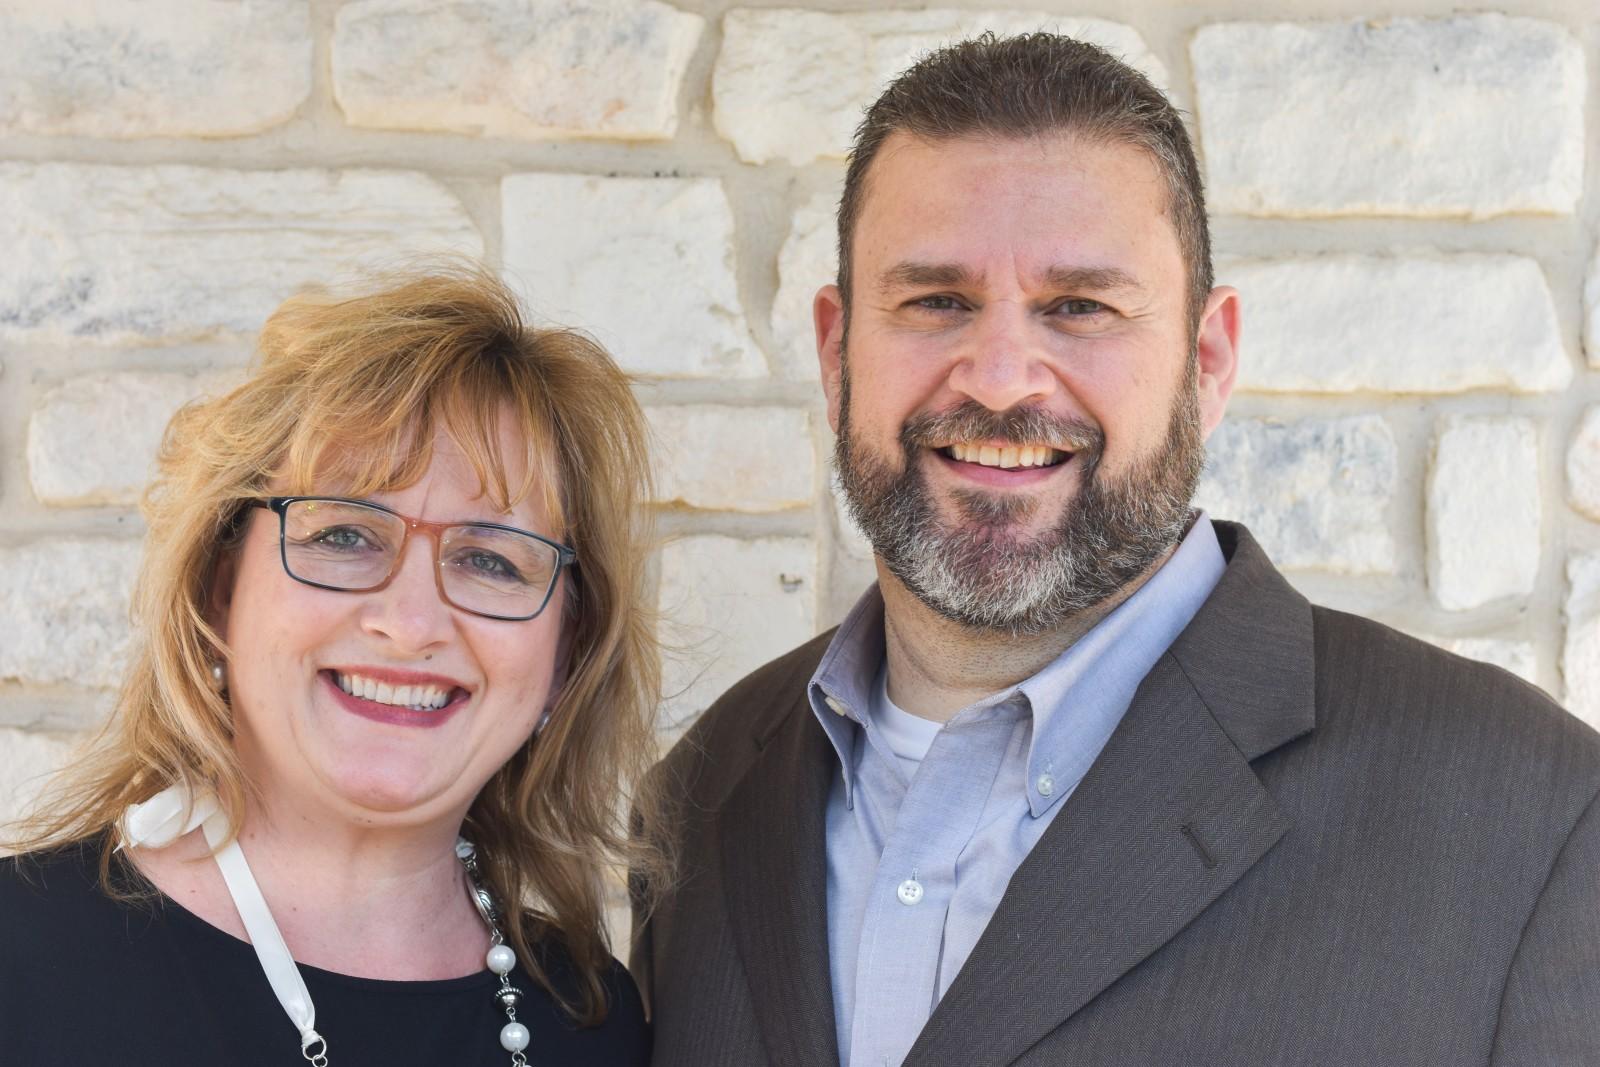 Pastor Rick and Kim